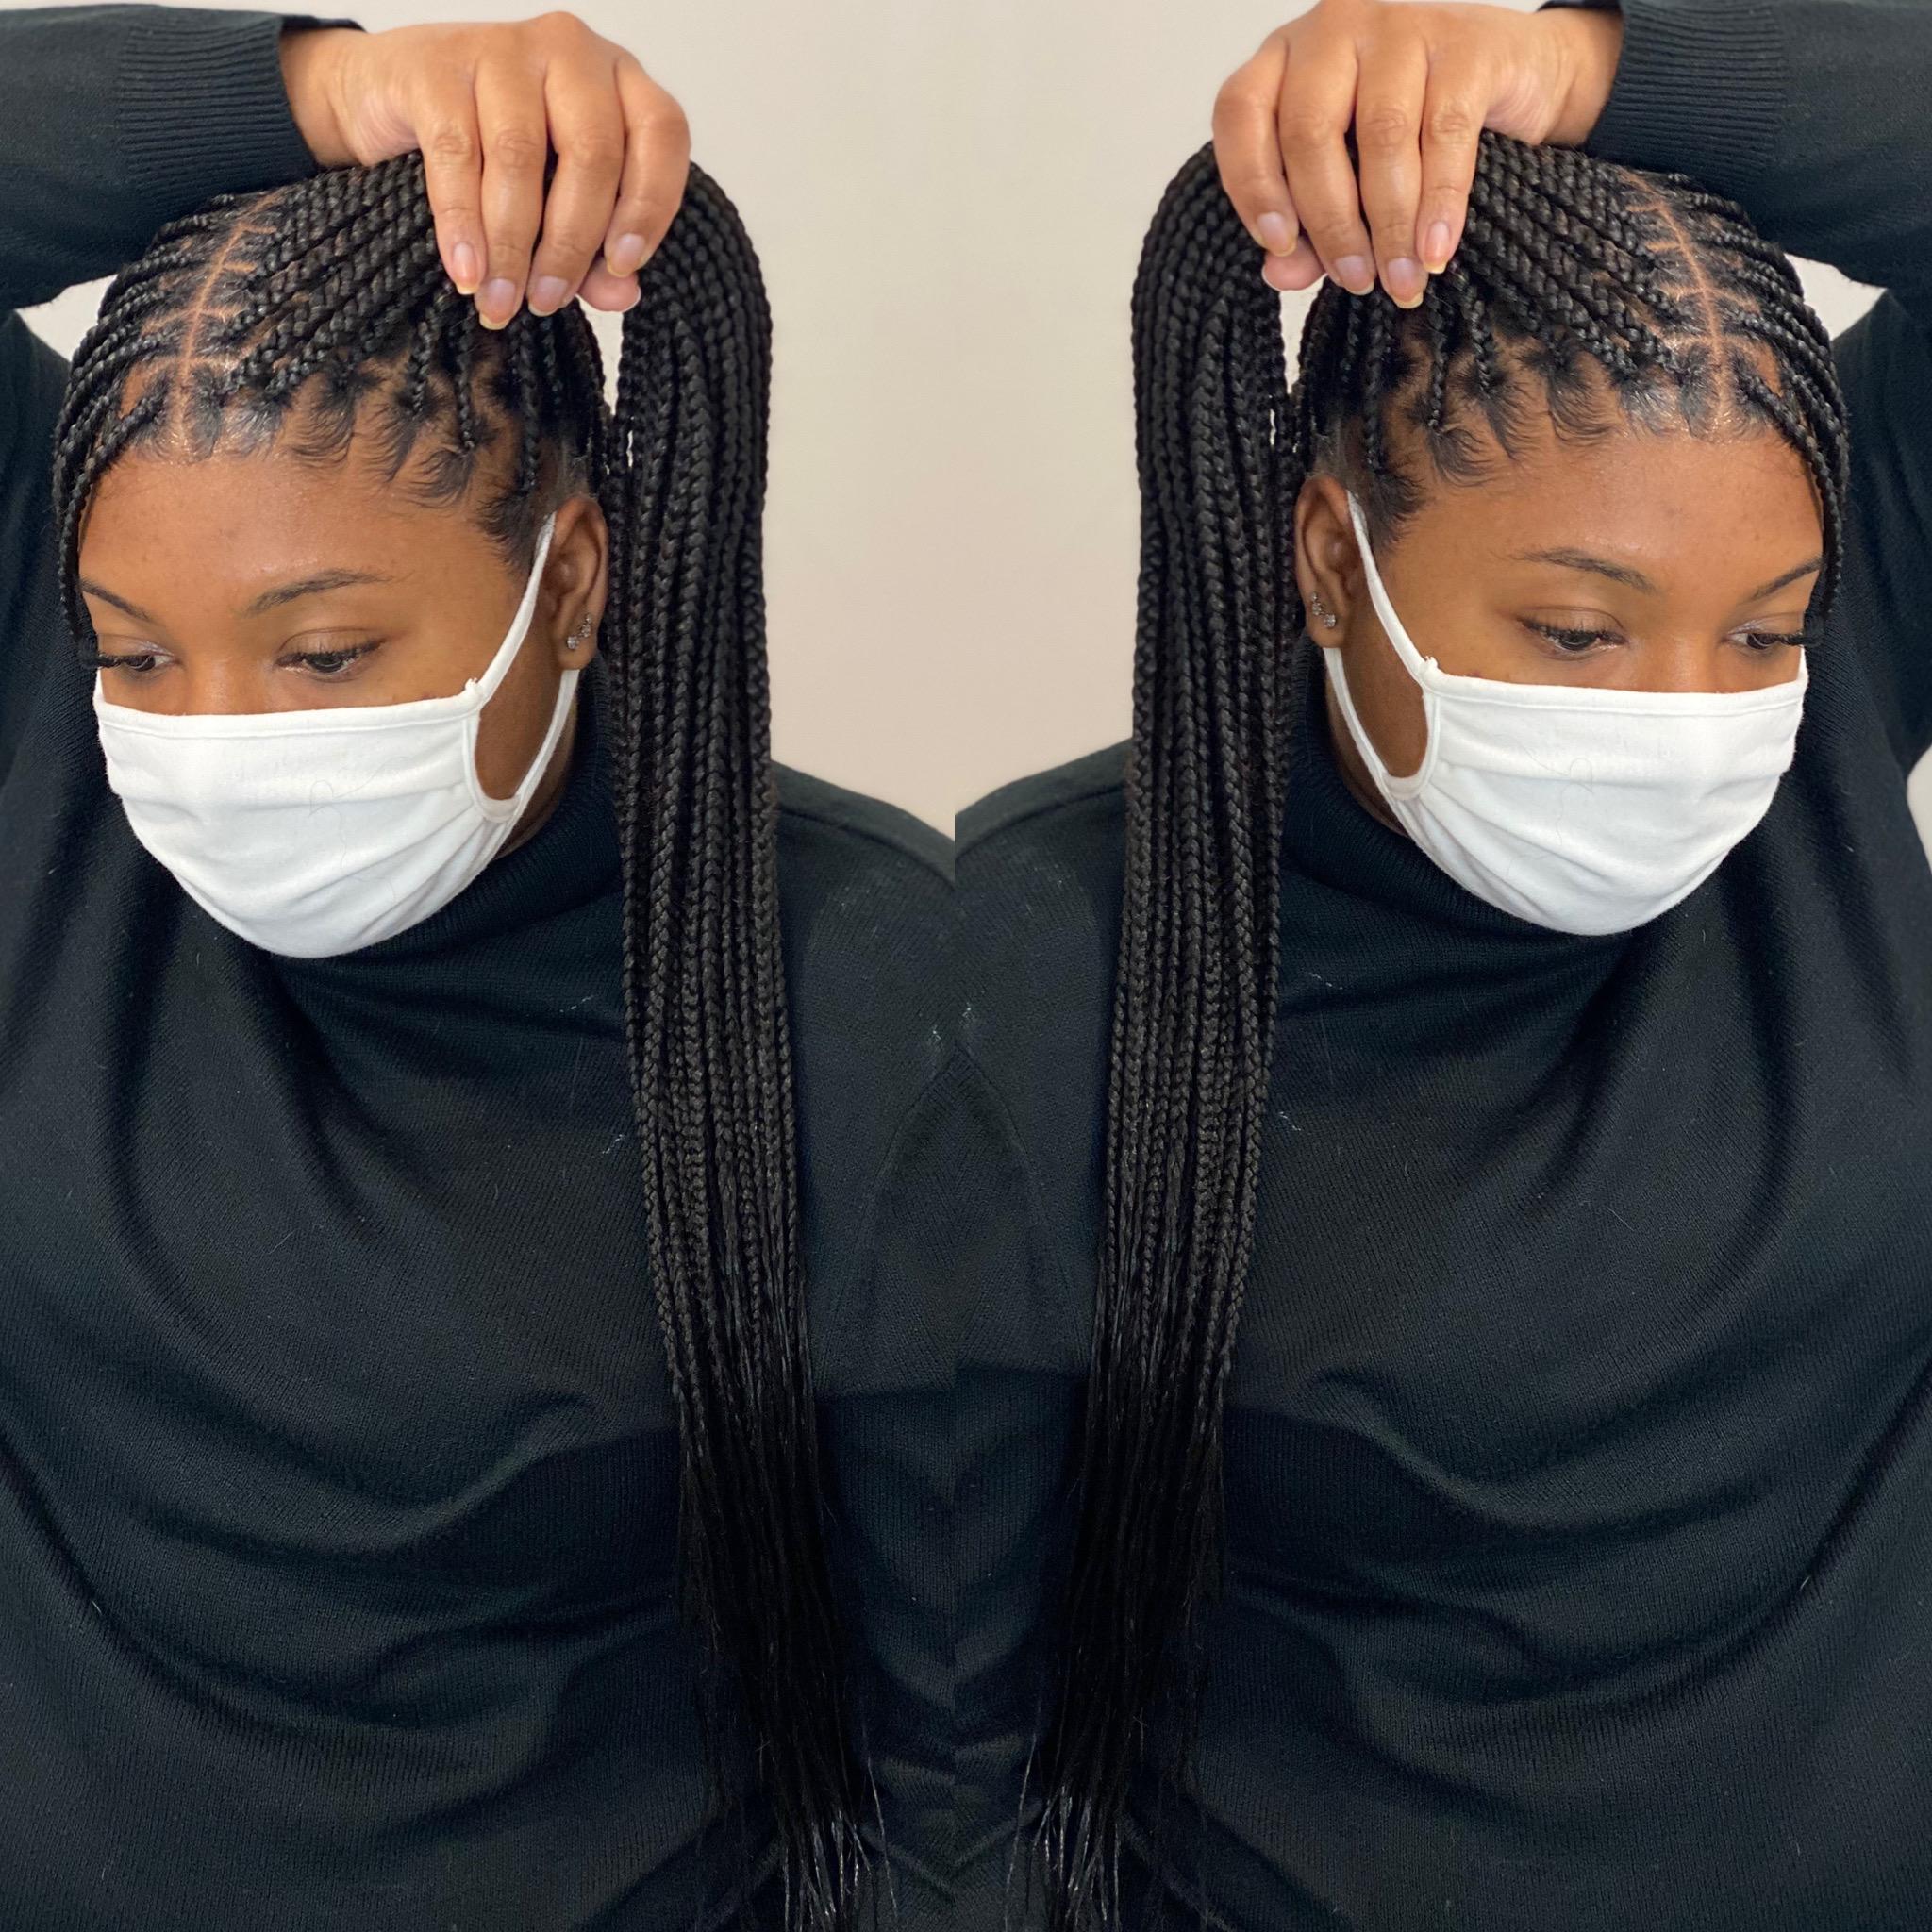 salon de coiffure afro tresse tresses box braids crochet braids vanilles tissages paris 75 77 78 91 92 93 94 95 RFRZSUME